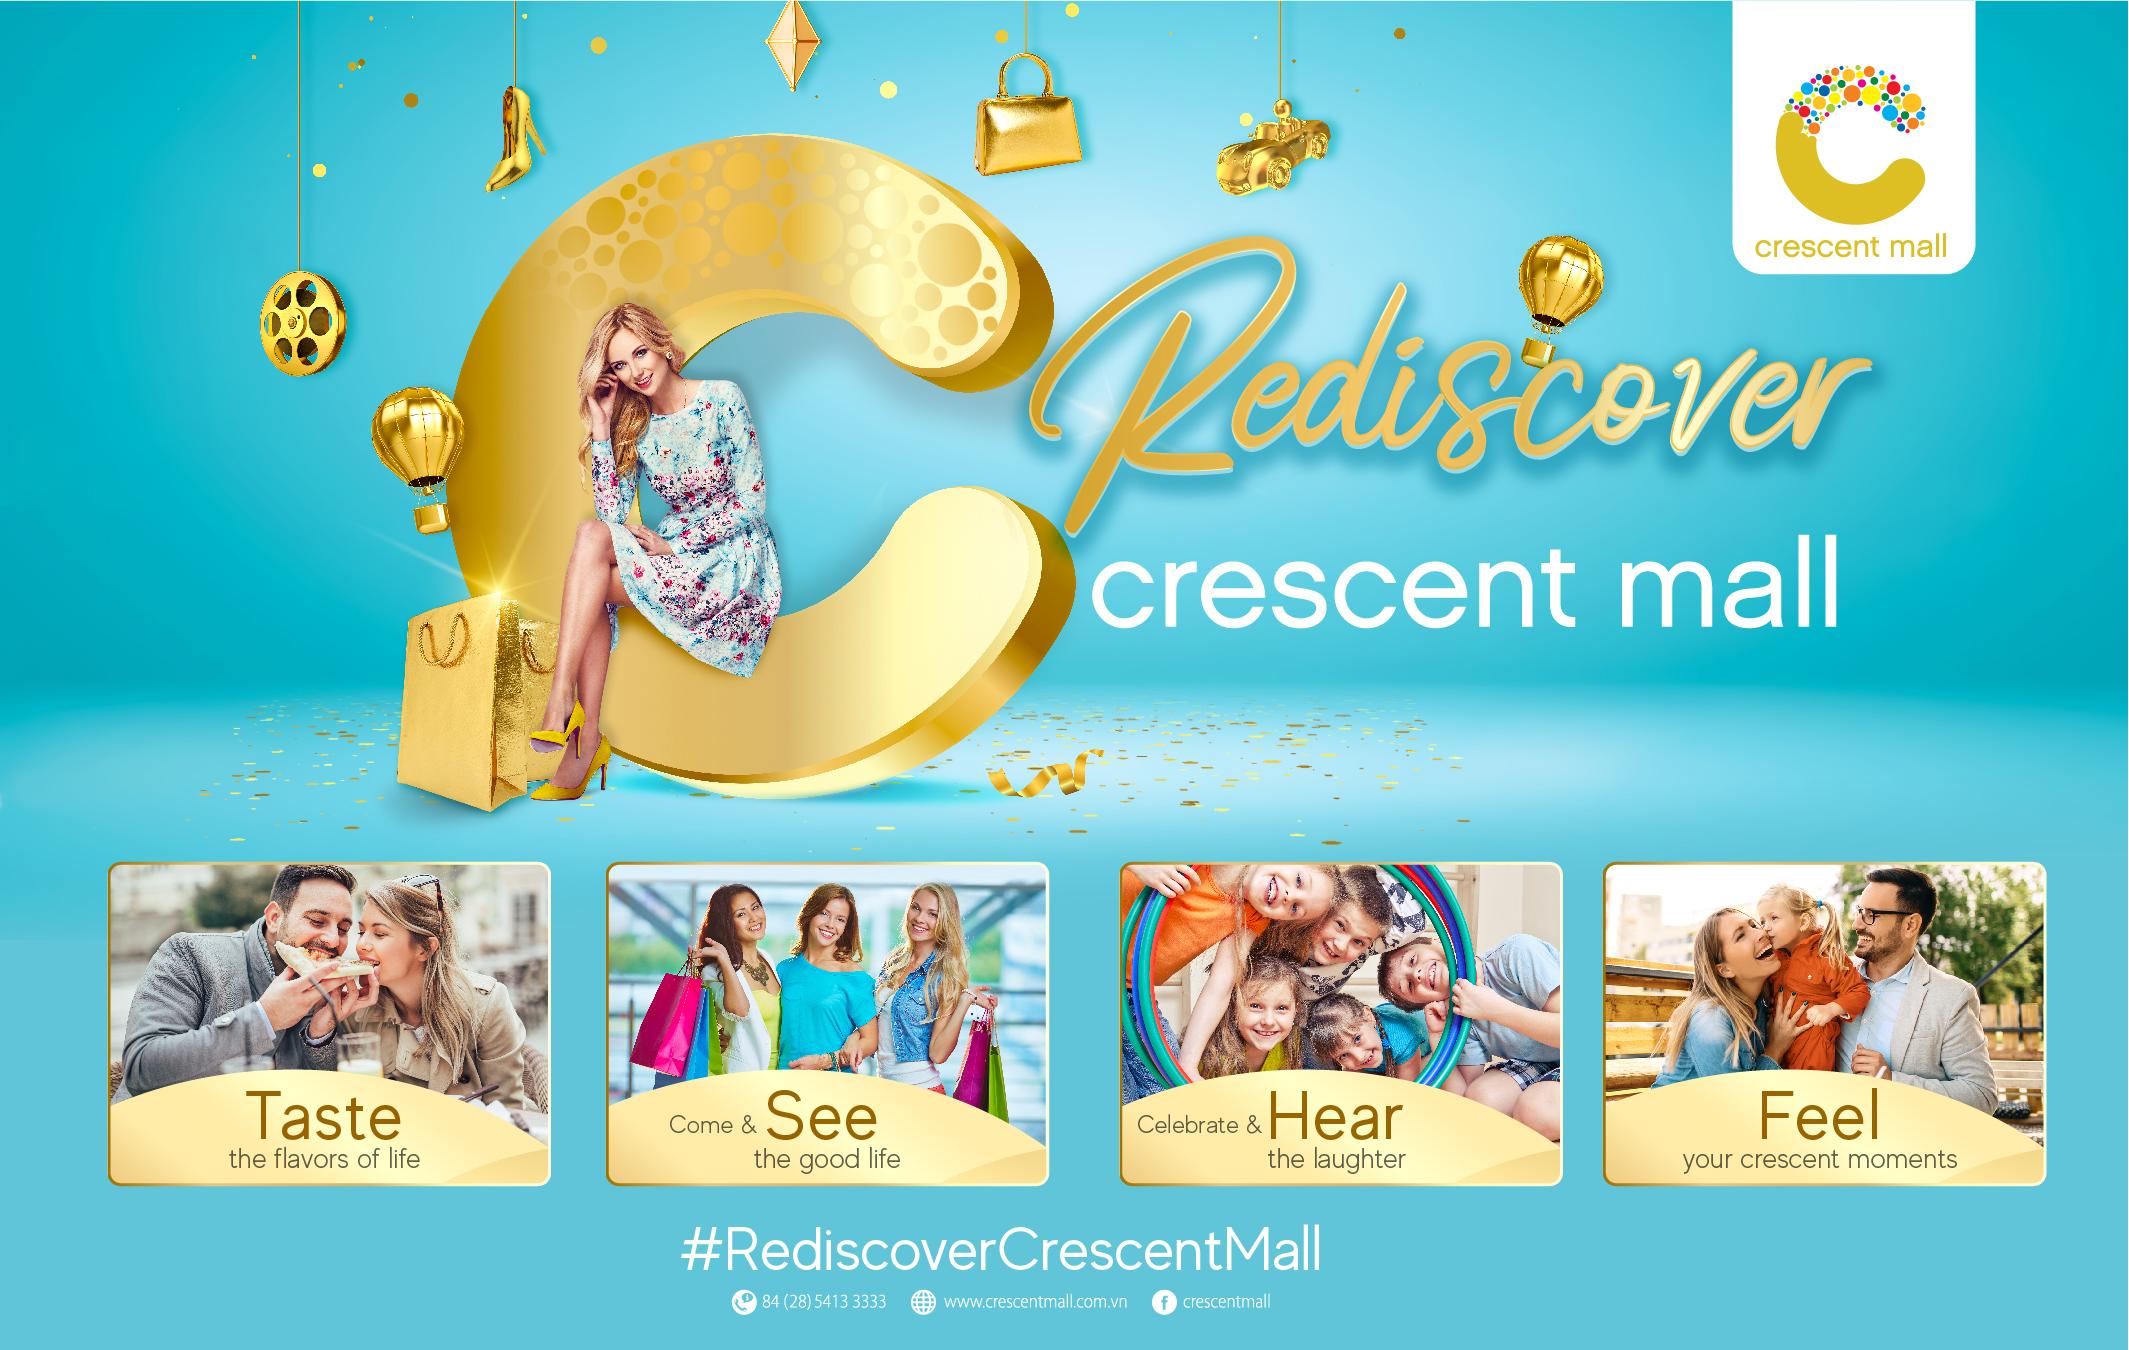 postre quảng cáo trung tâm thương mại crescent mall